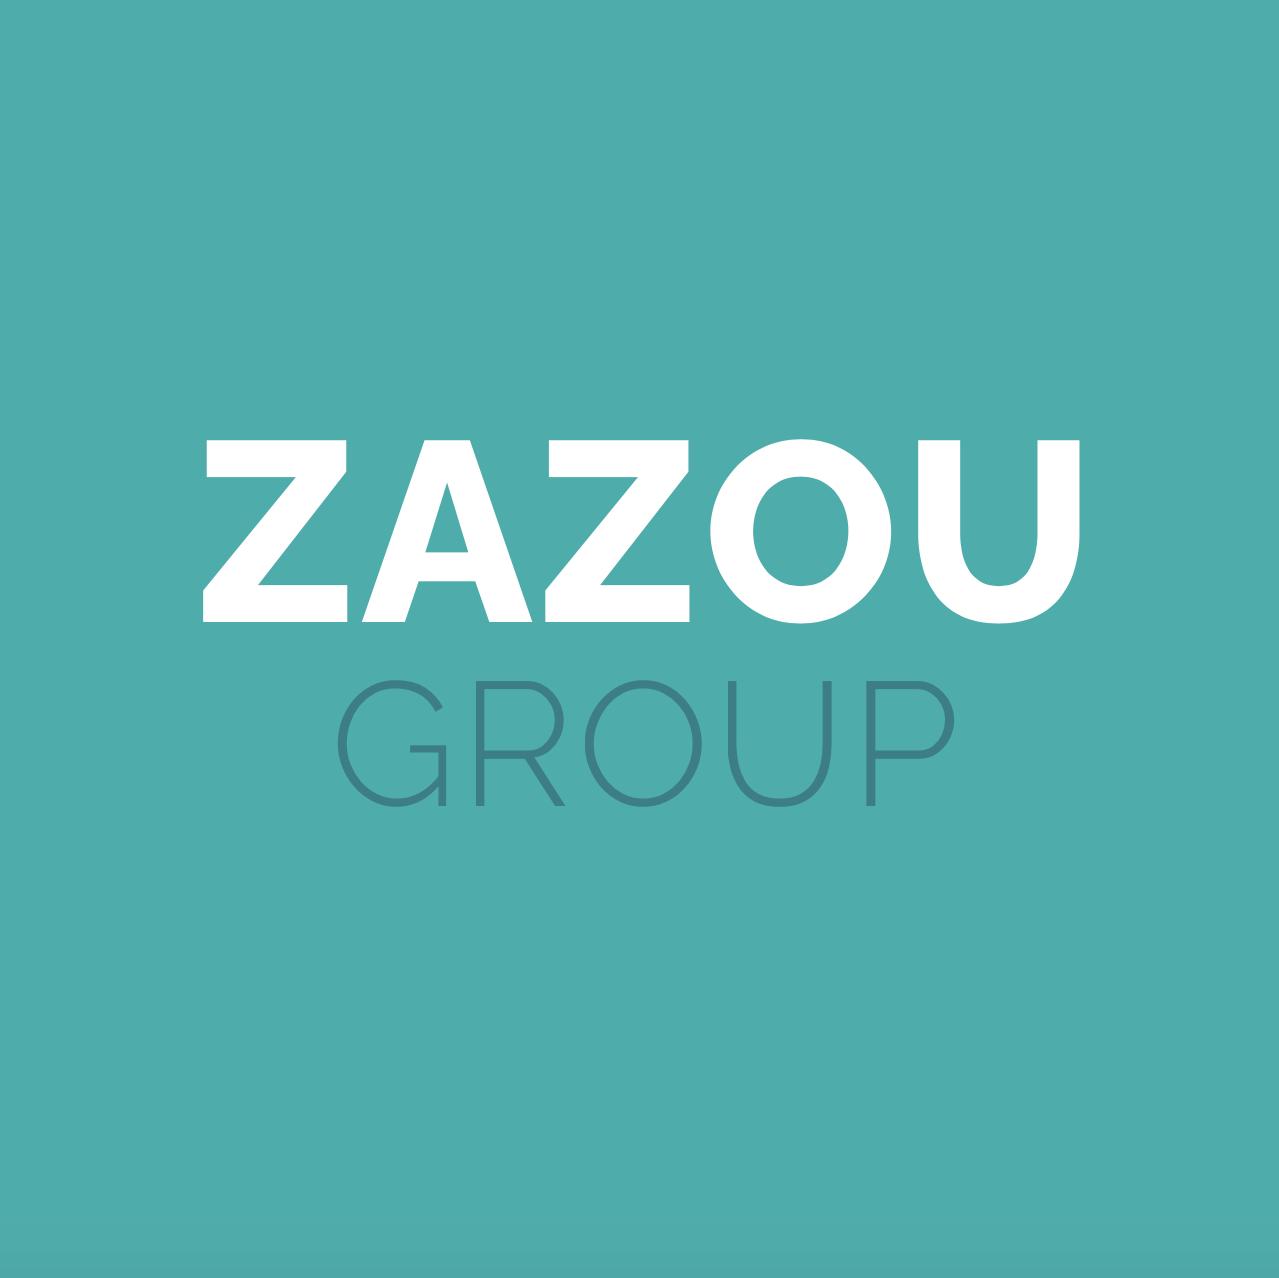 Zazou Group